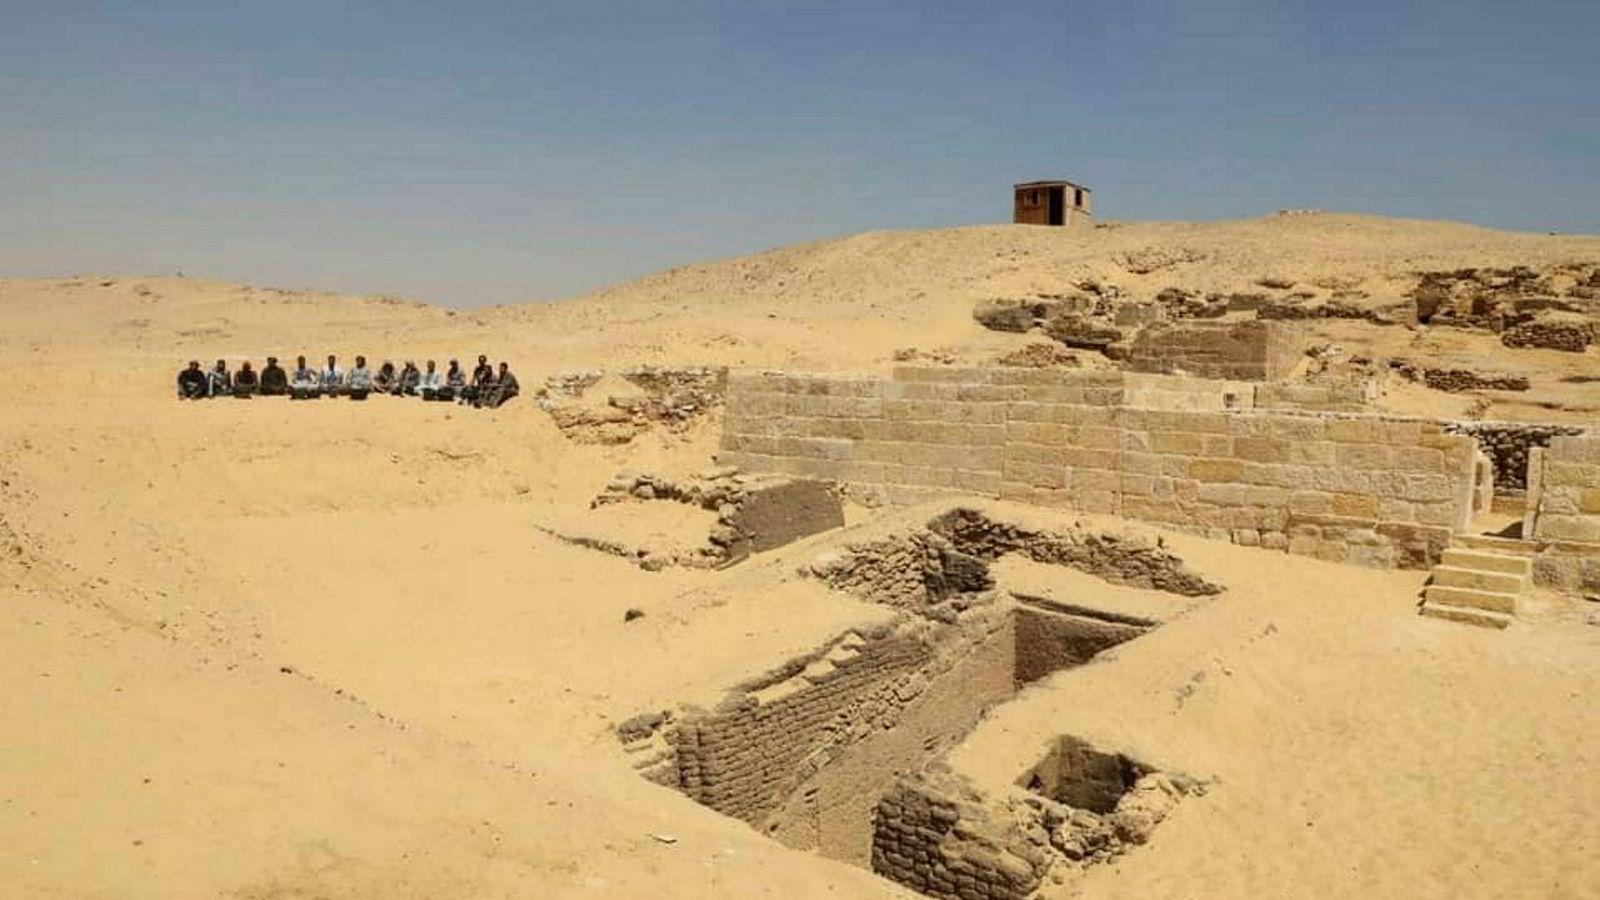 Arkeologer i Egypt har funnet et gravkammer som de mener er rundt 4.500 år gammelt.